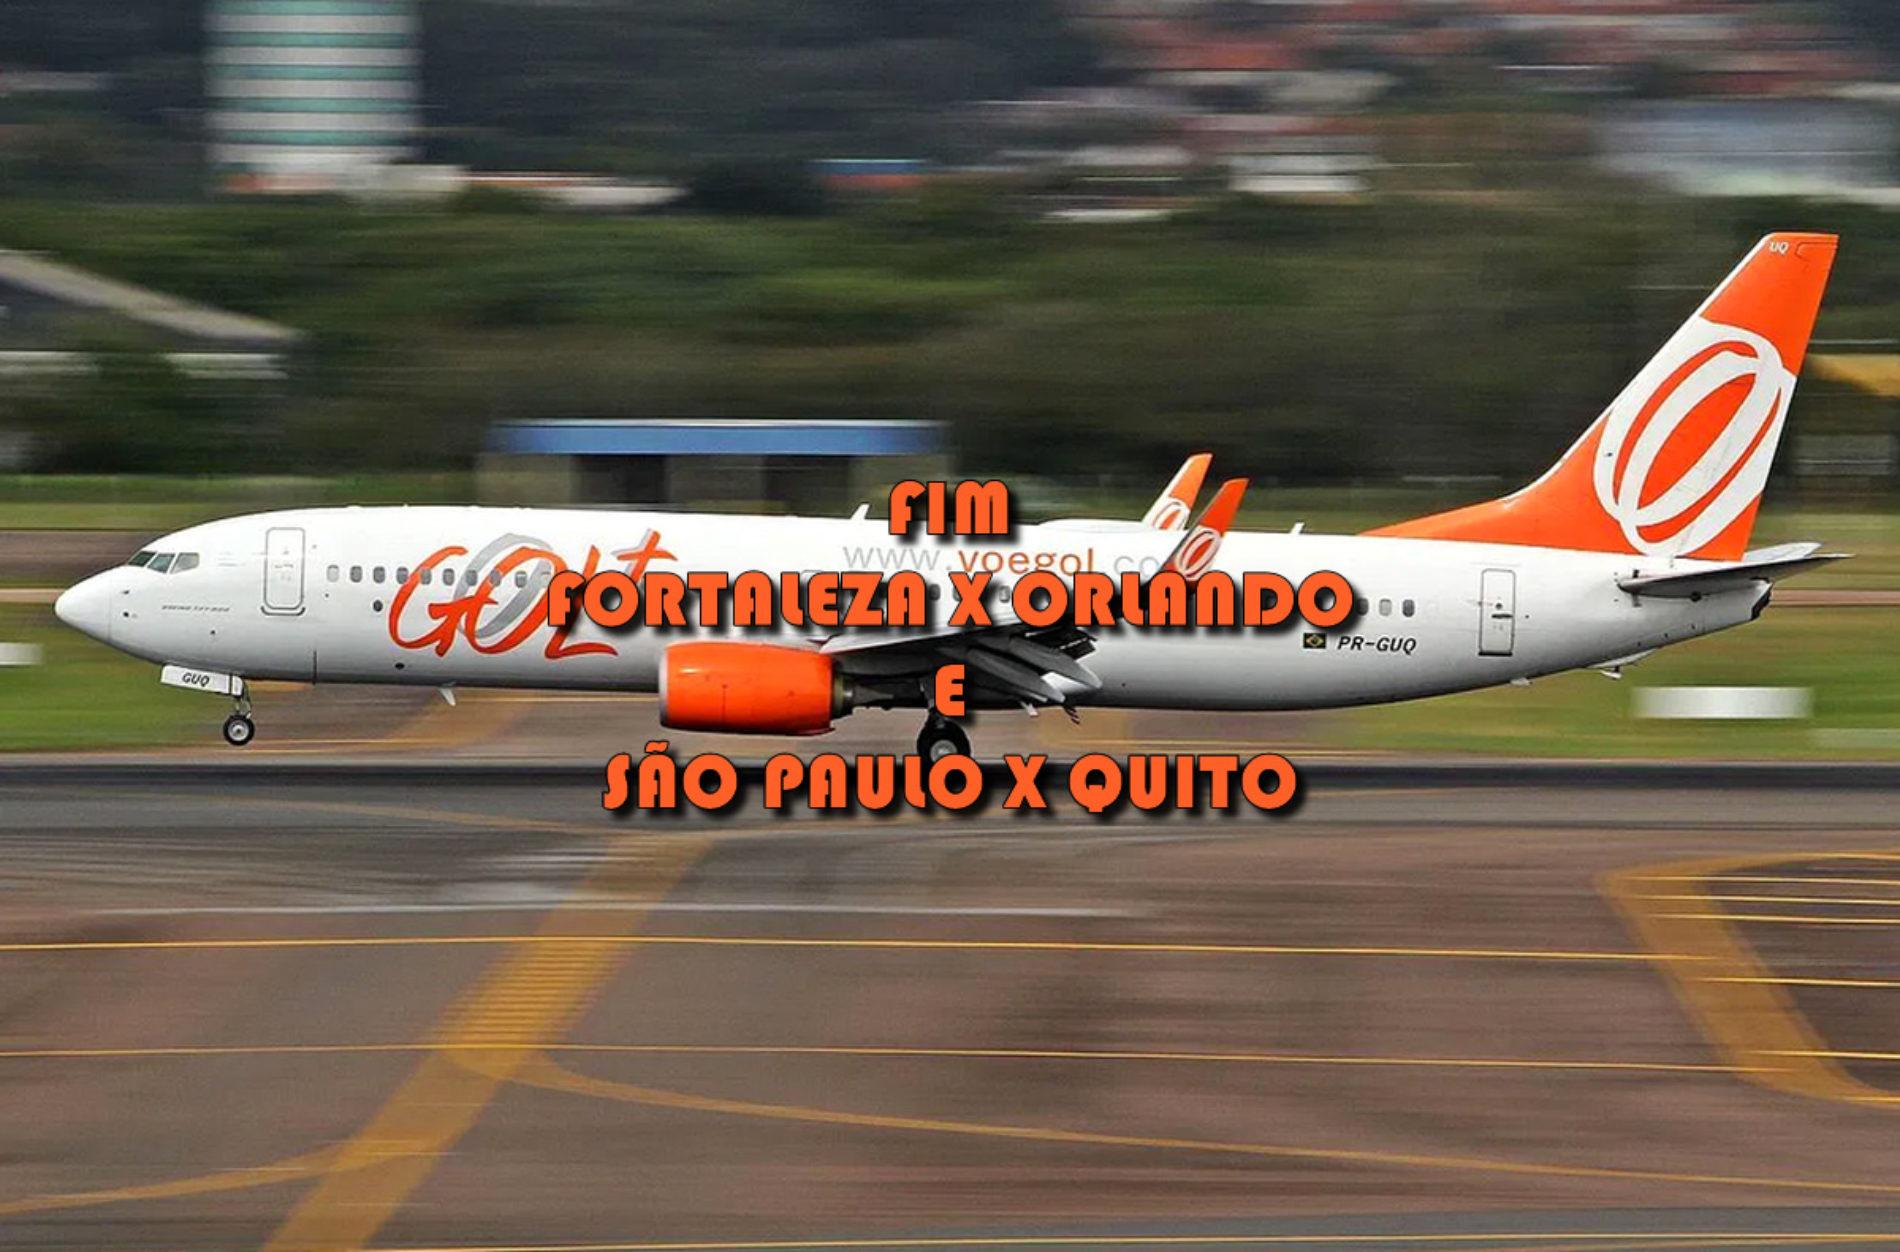 Voos GOL para Quito e Orlando ficam suspensos a partir de abril